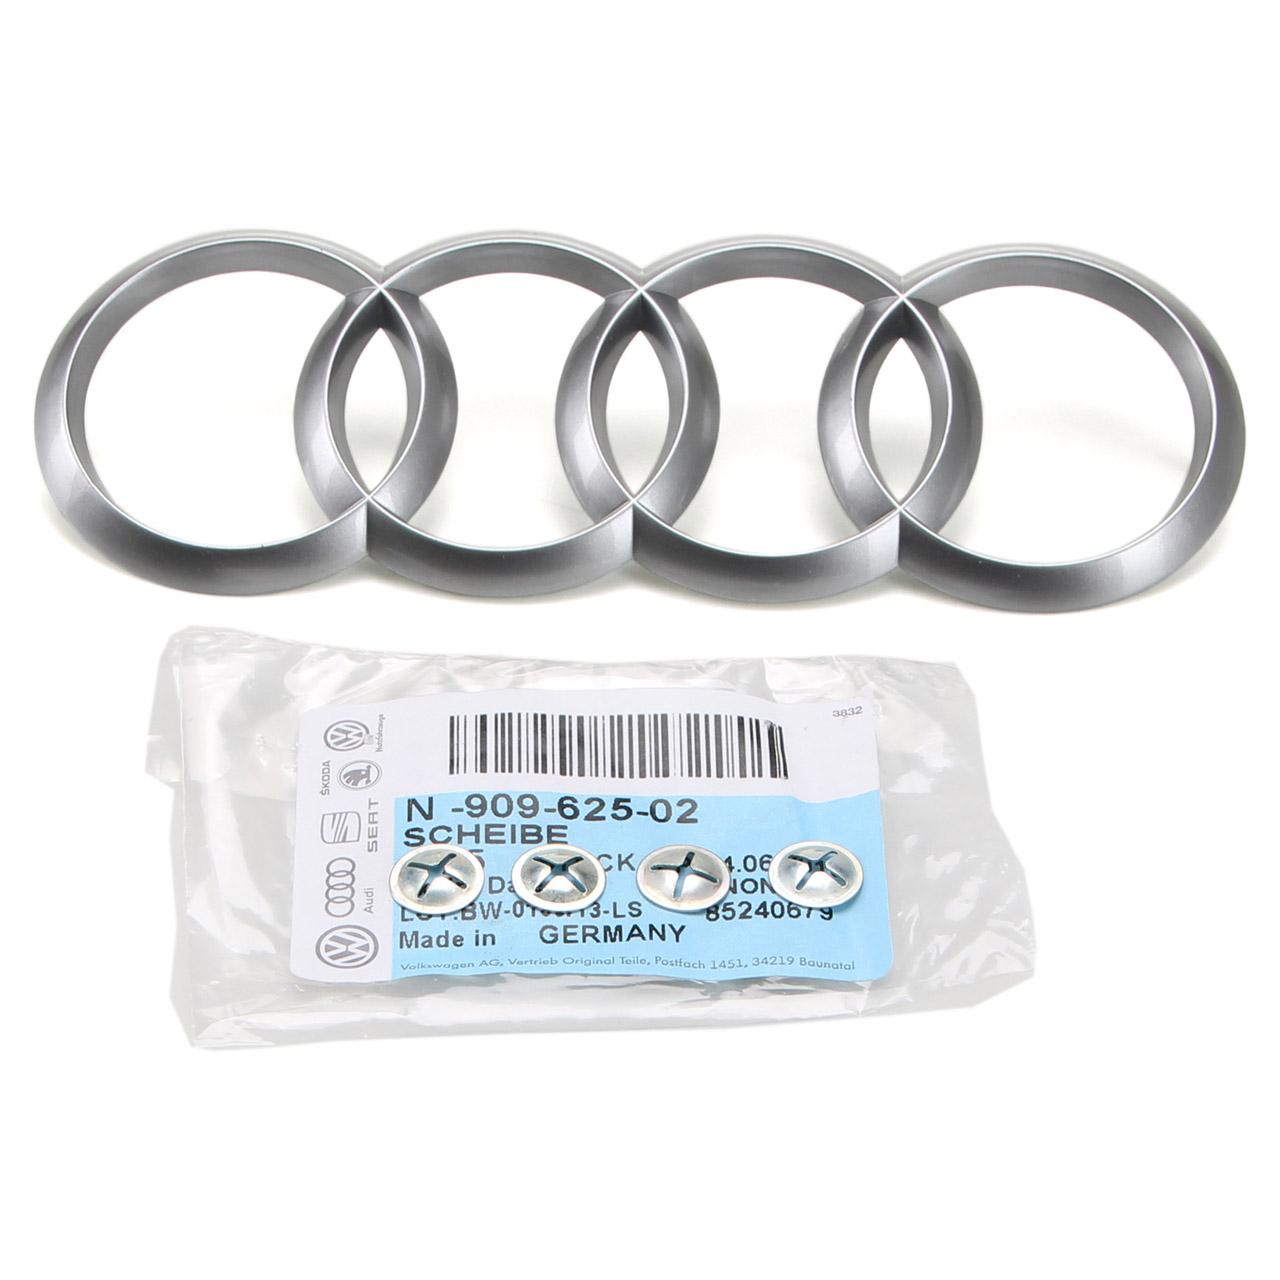 ORIGINAL Audi Ringe Emblem Logo + Befestigung A1 A3 A4 A5 A6 A7 A8 Q3 Q5 Q7